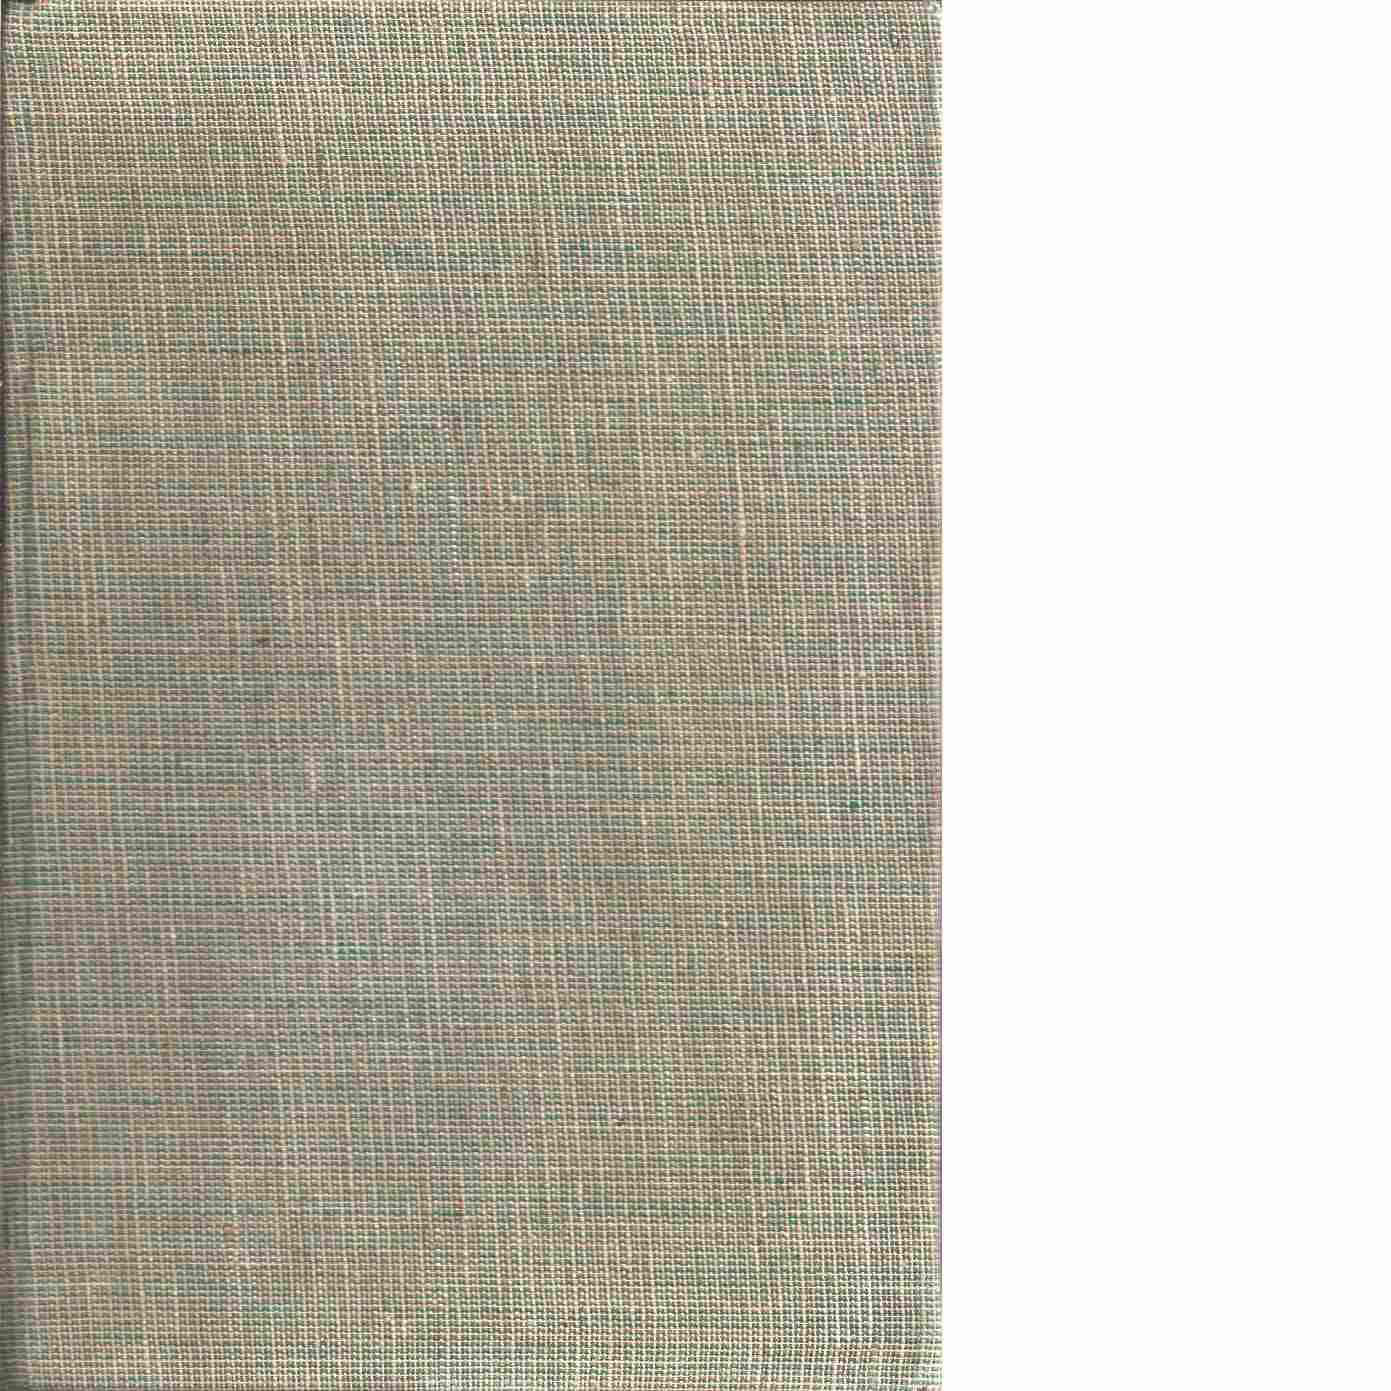 Nordvästpassagen : Från det amerikanska originalet av Louis Renner - Roberts, Kenneth Lewis